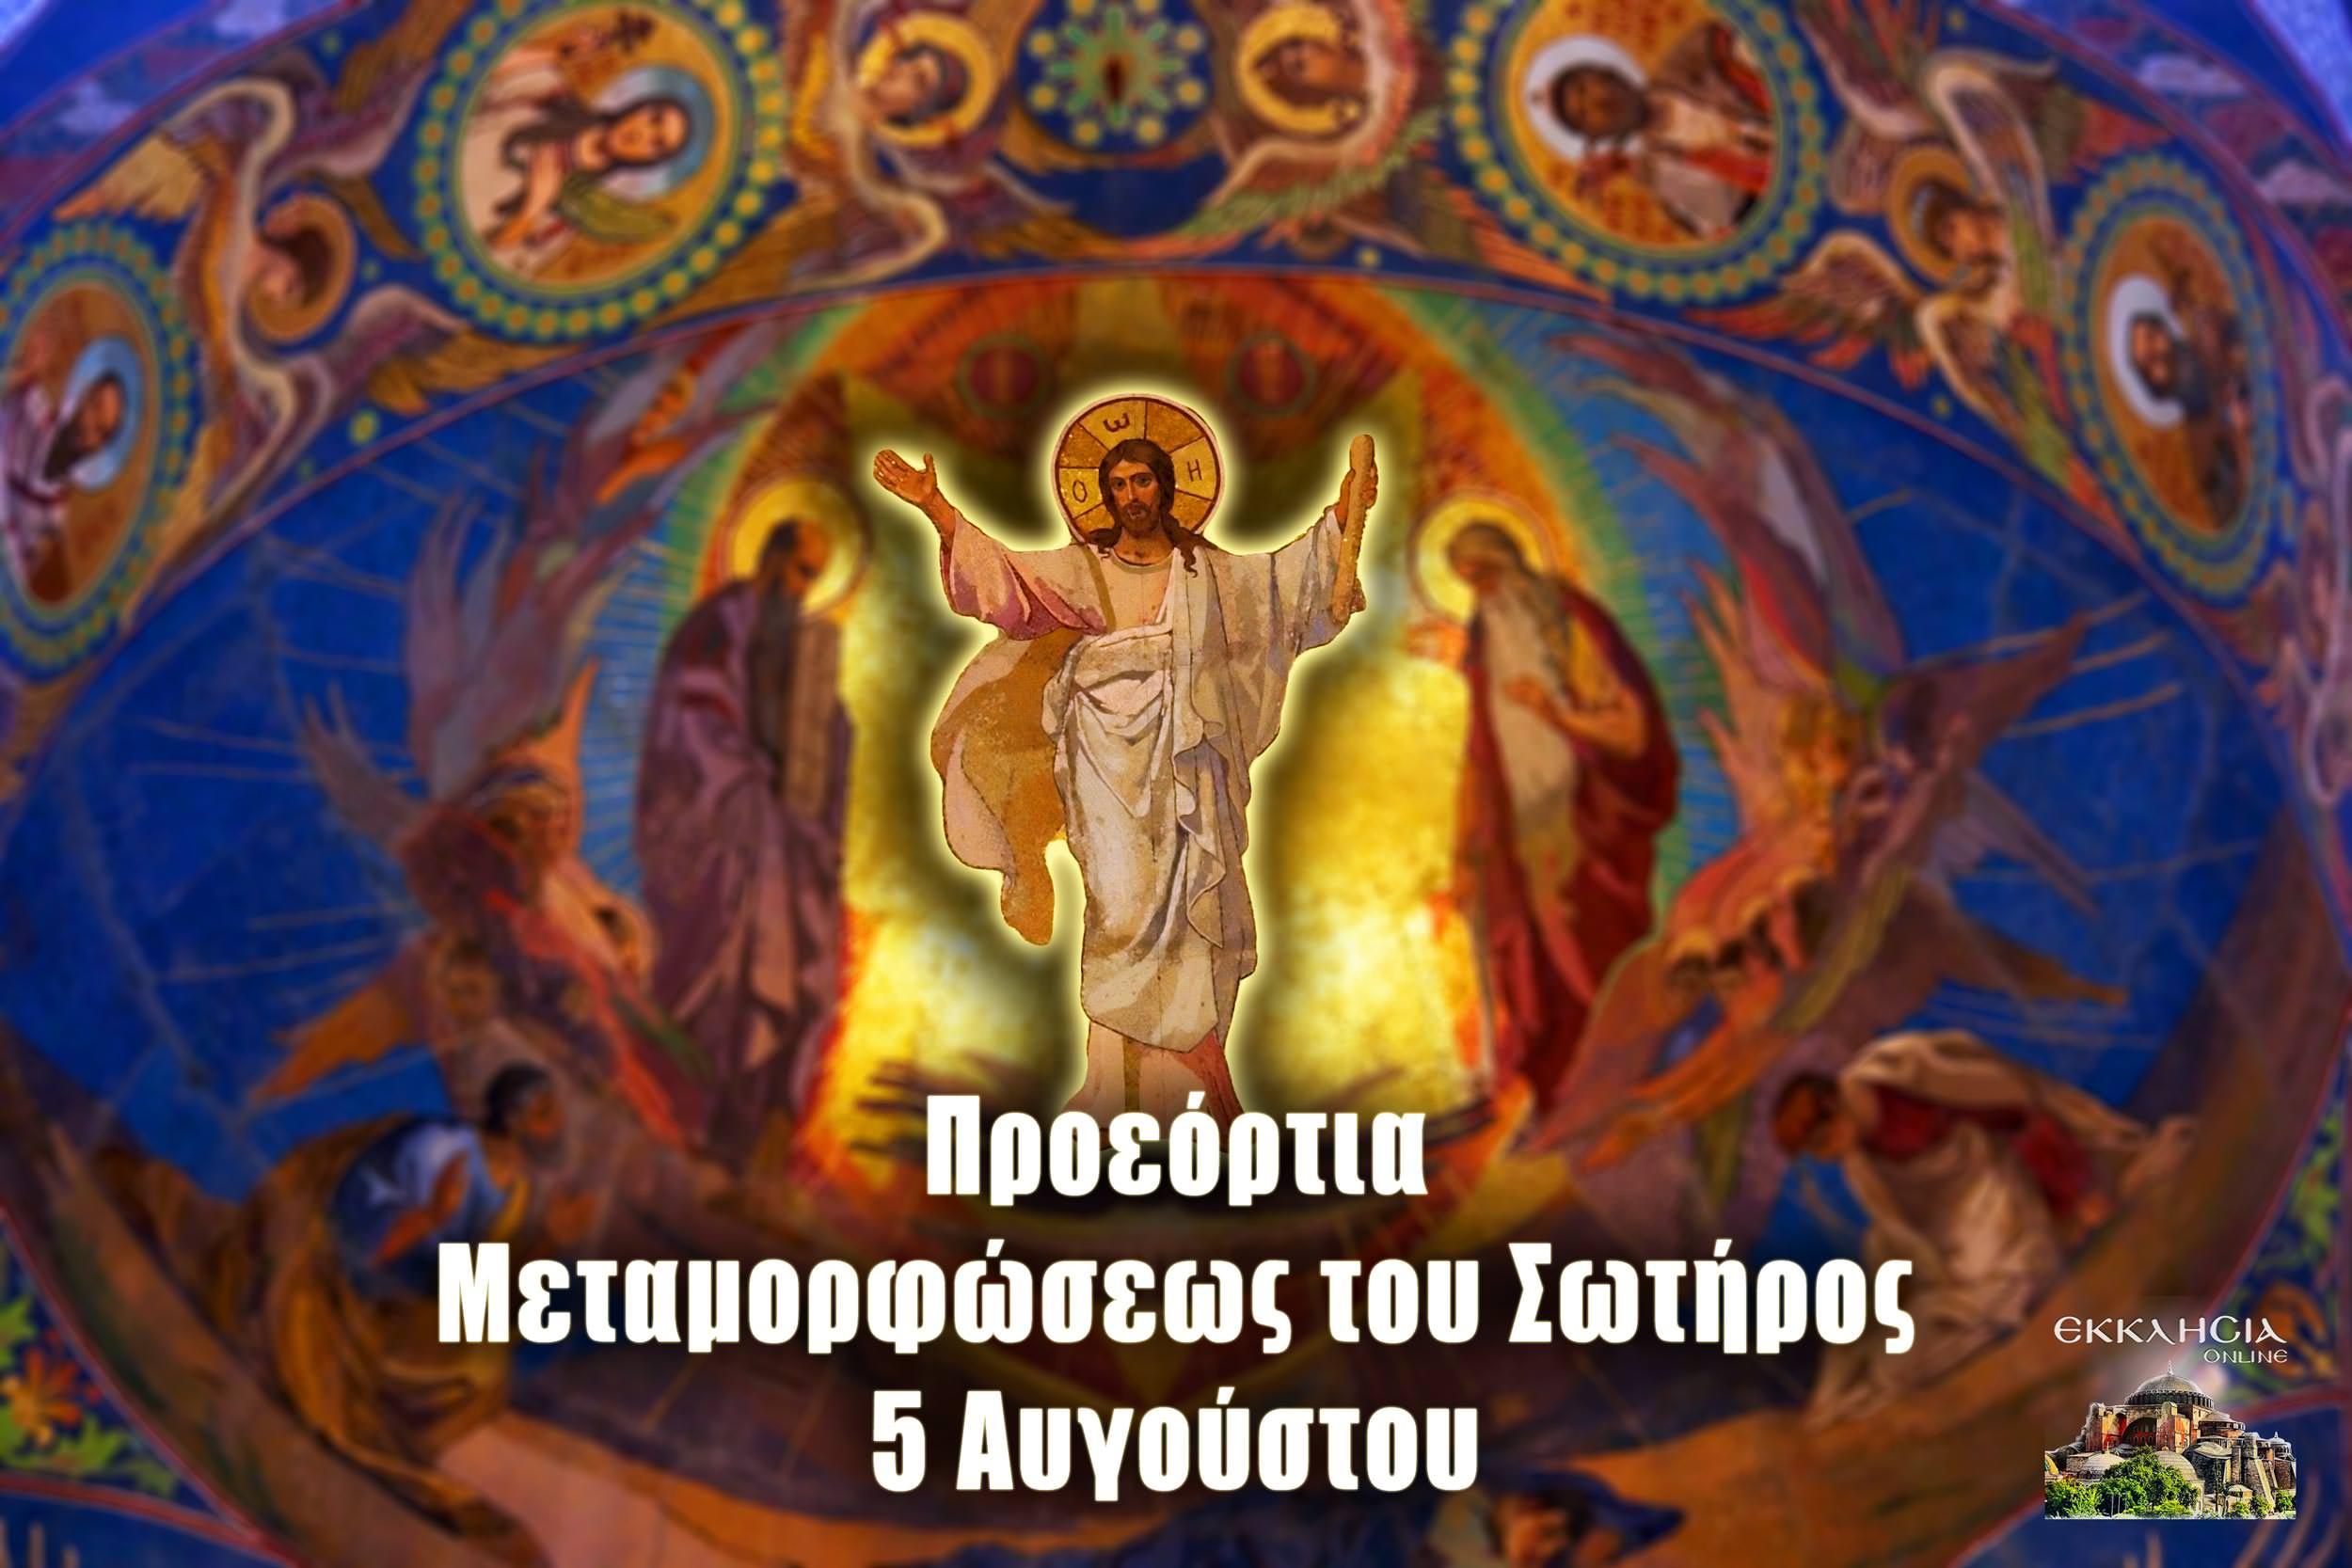 Προεόρτια της Μεταμορφώσεως του Σωτήρος 5 Αυγούστου